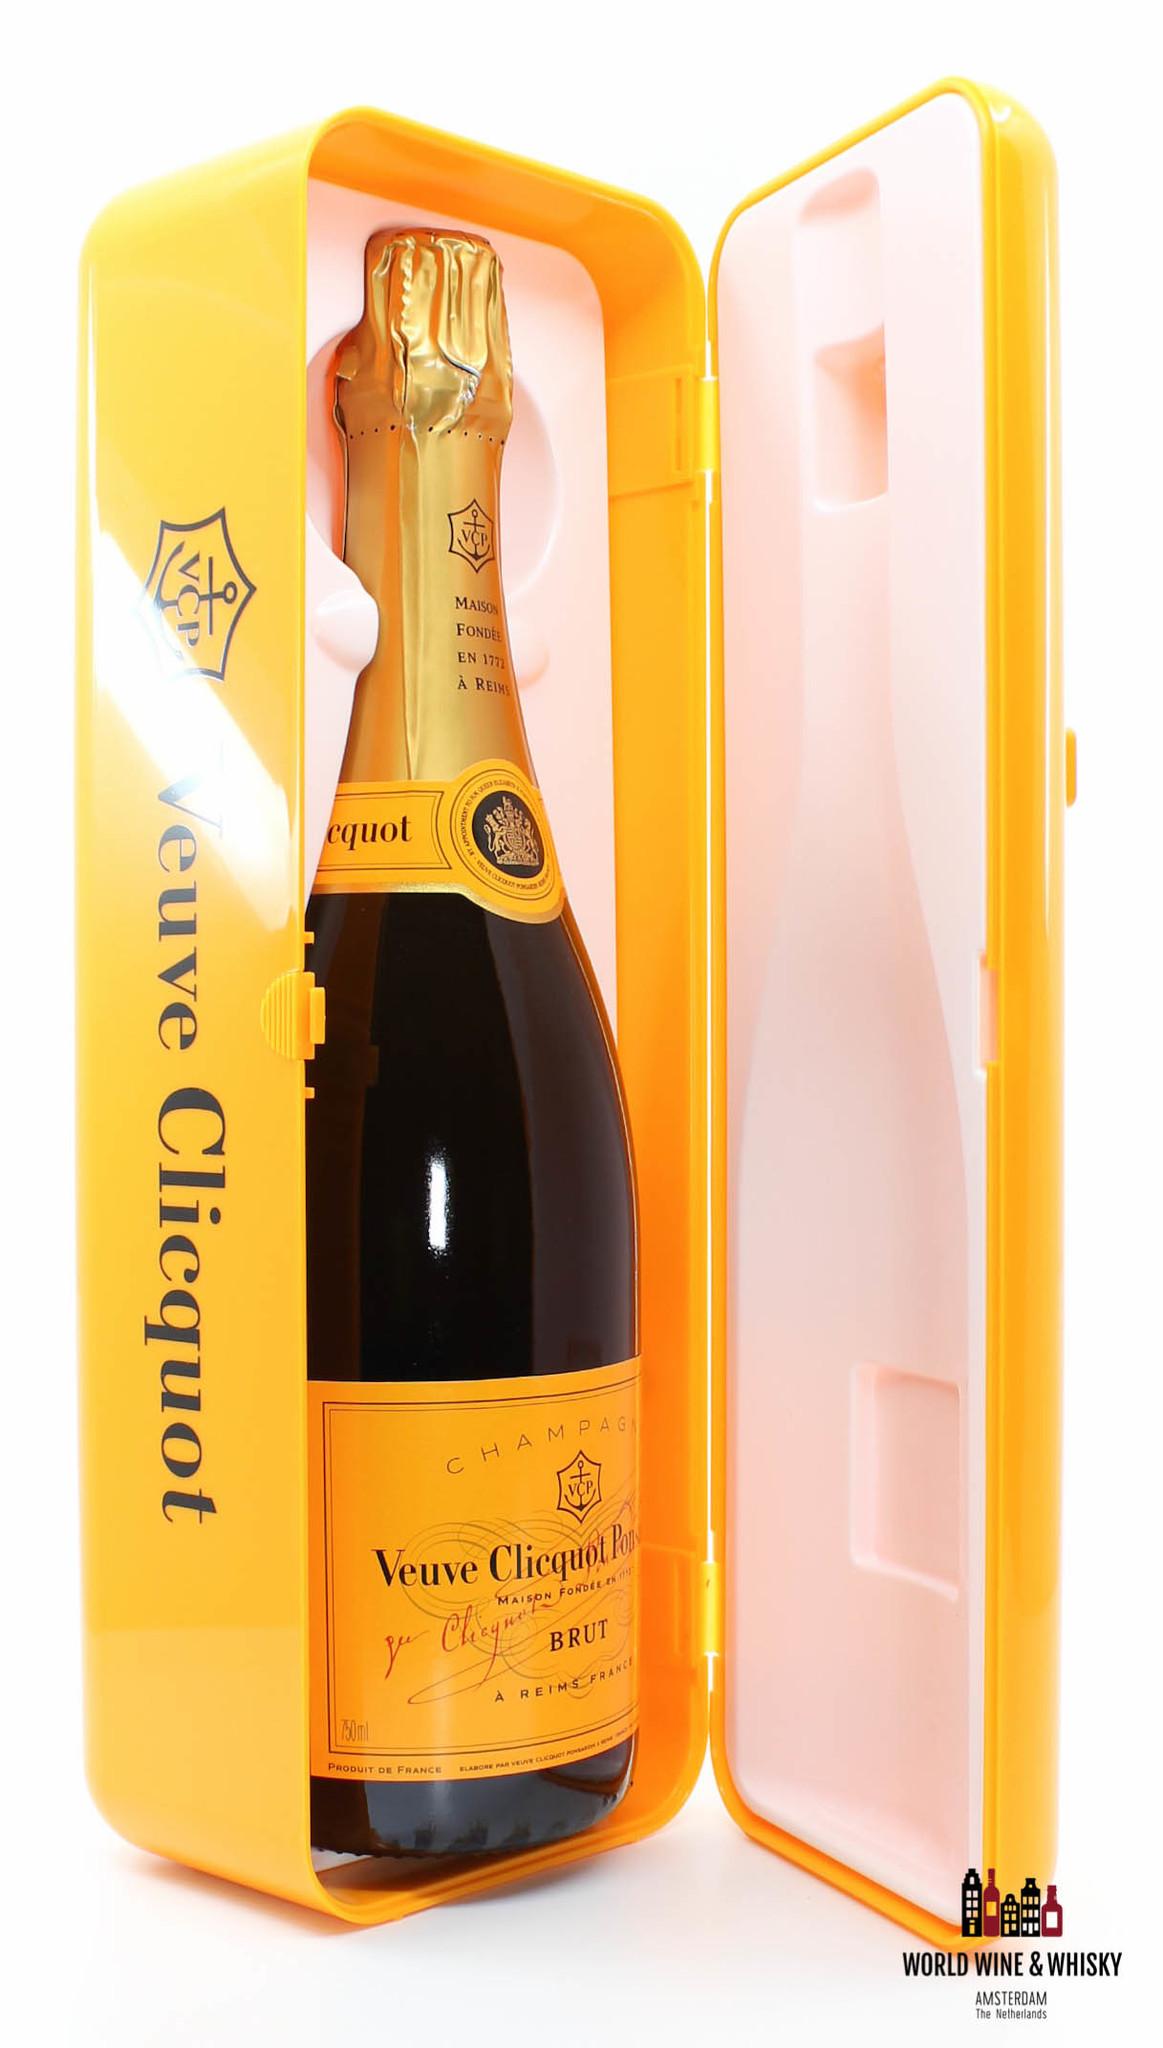 Veuve Clicquot Veuve Clicquot Champagne Brut - in orange fridge